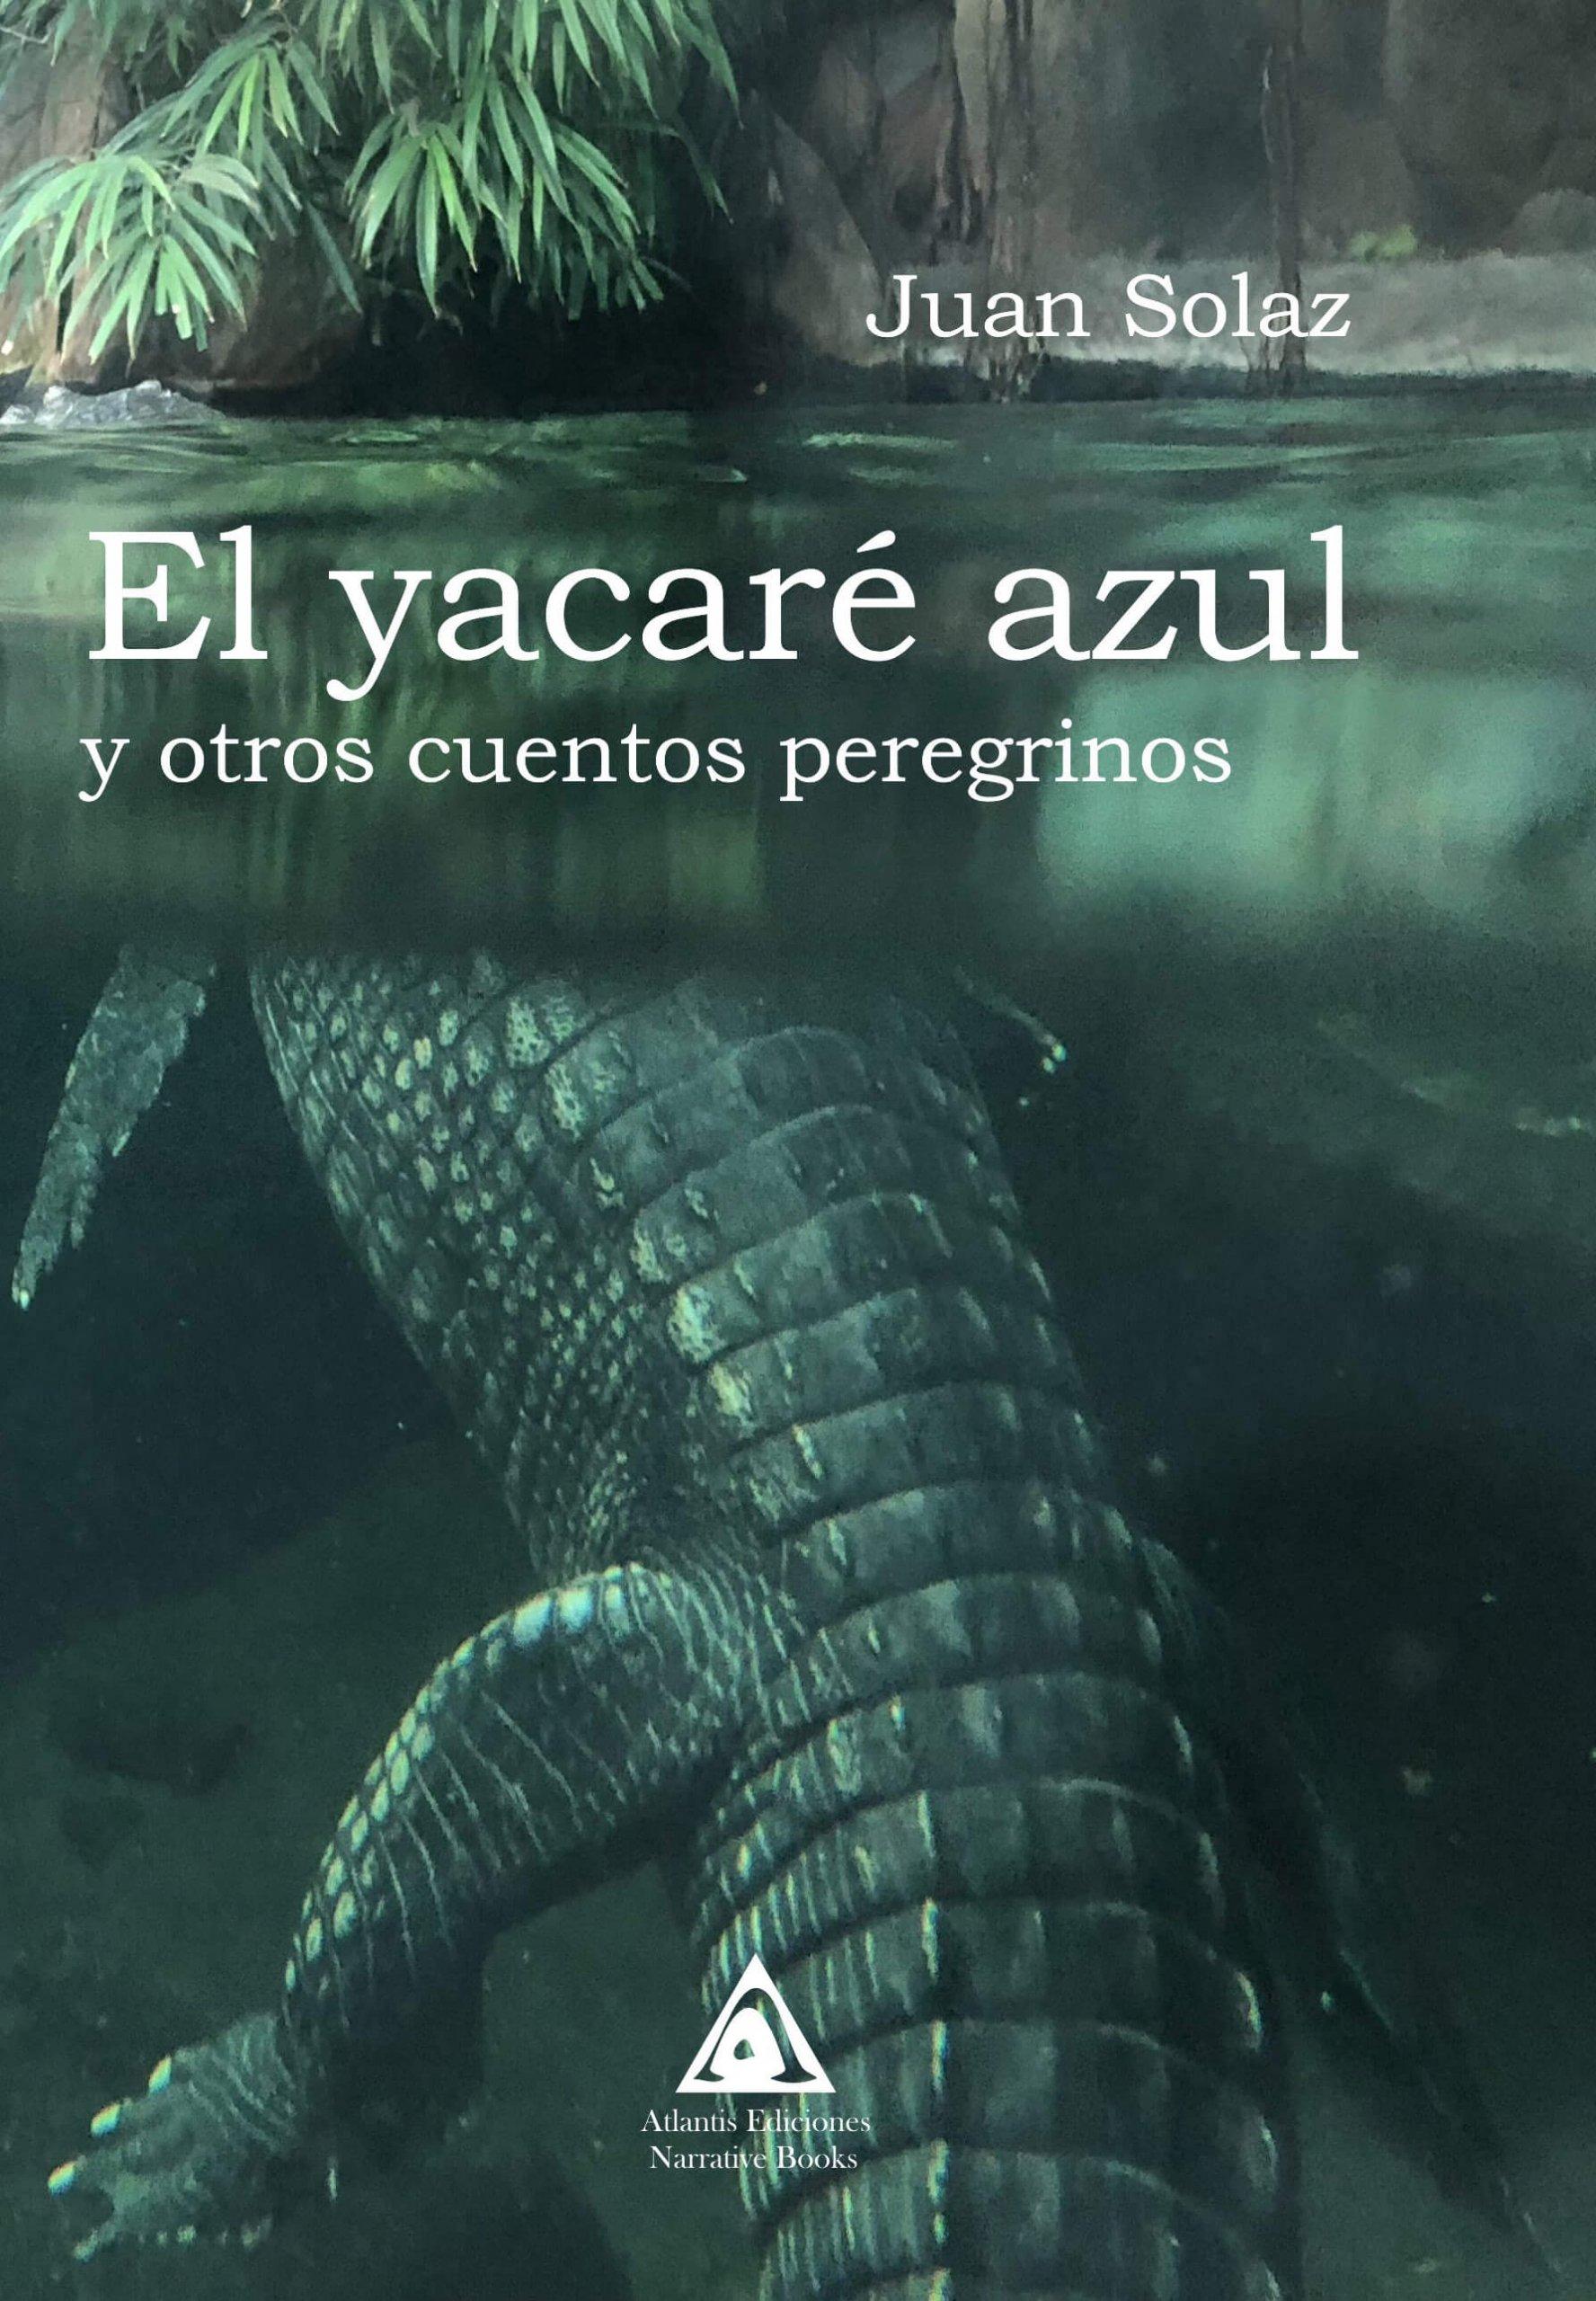 El yacaré azul y otros cuentos peregrinos una obra de Juan Solaz